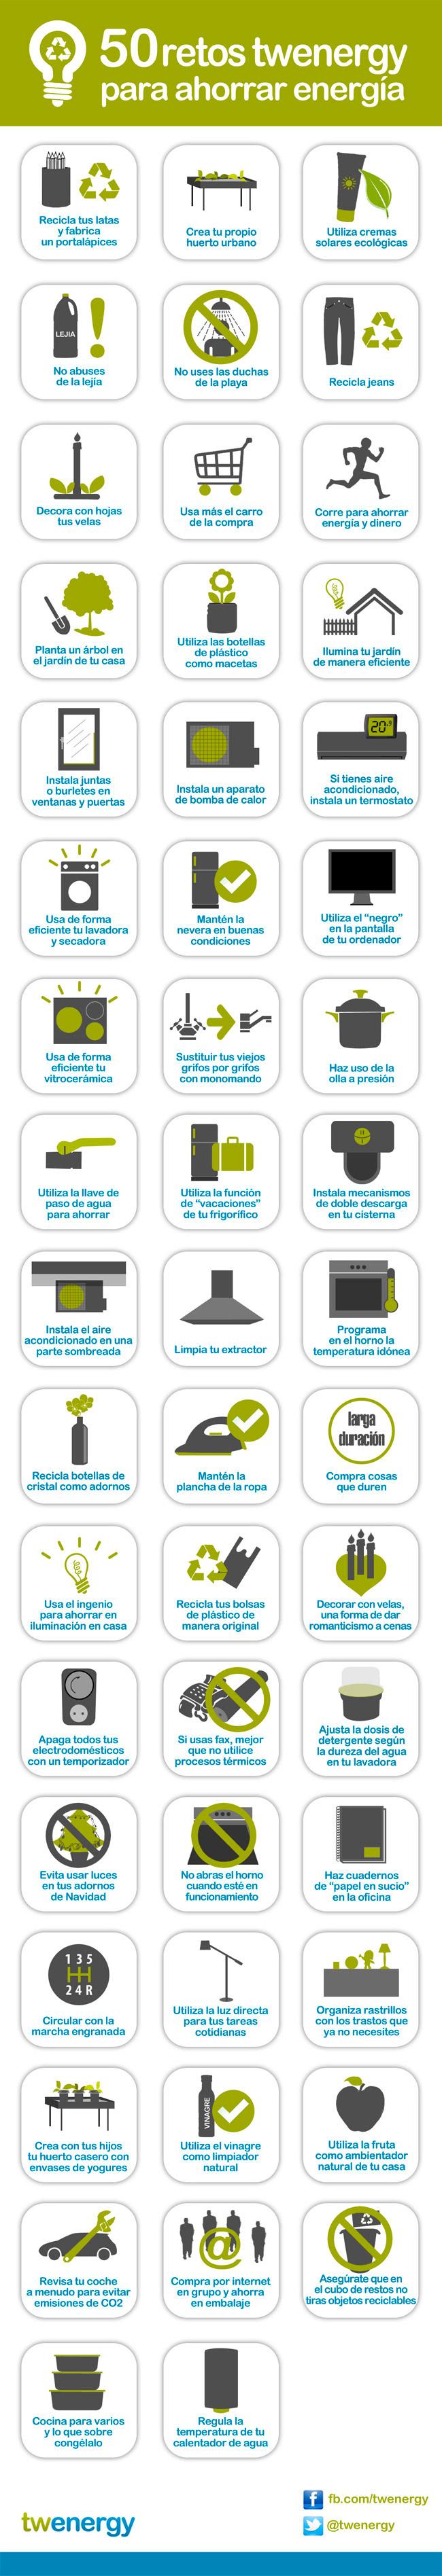 50 consejos para ahorrar energía